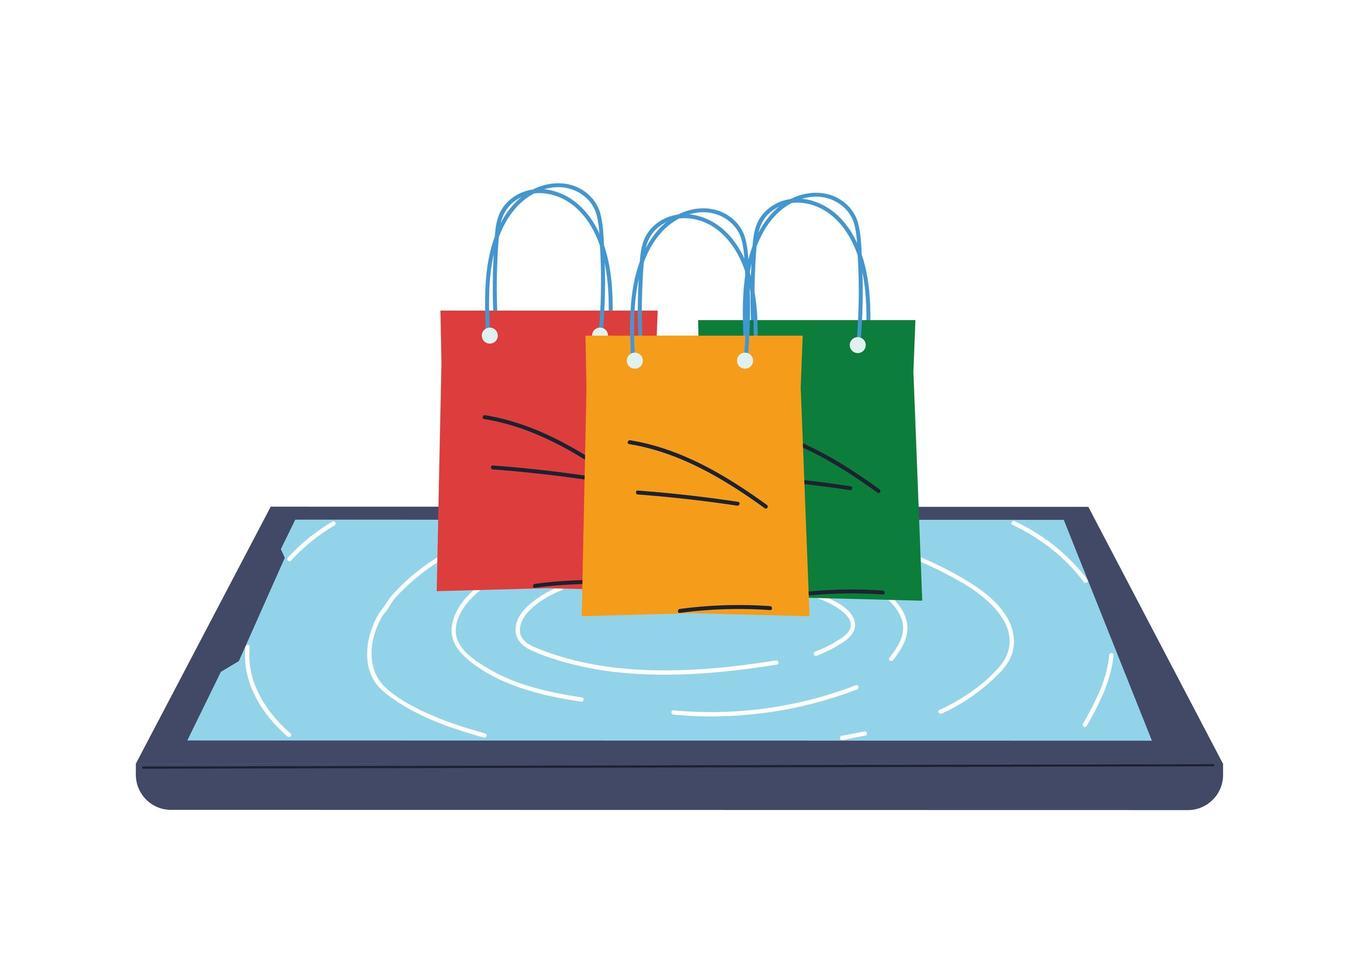 marchandise dans des sacs sur le dessus de l'écran du smartphone vecteur